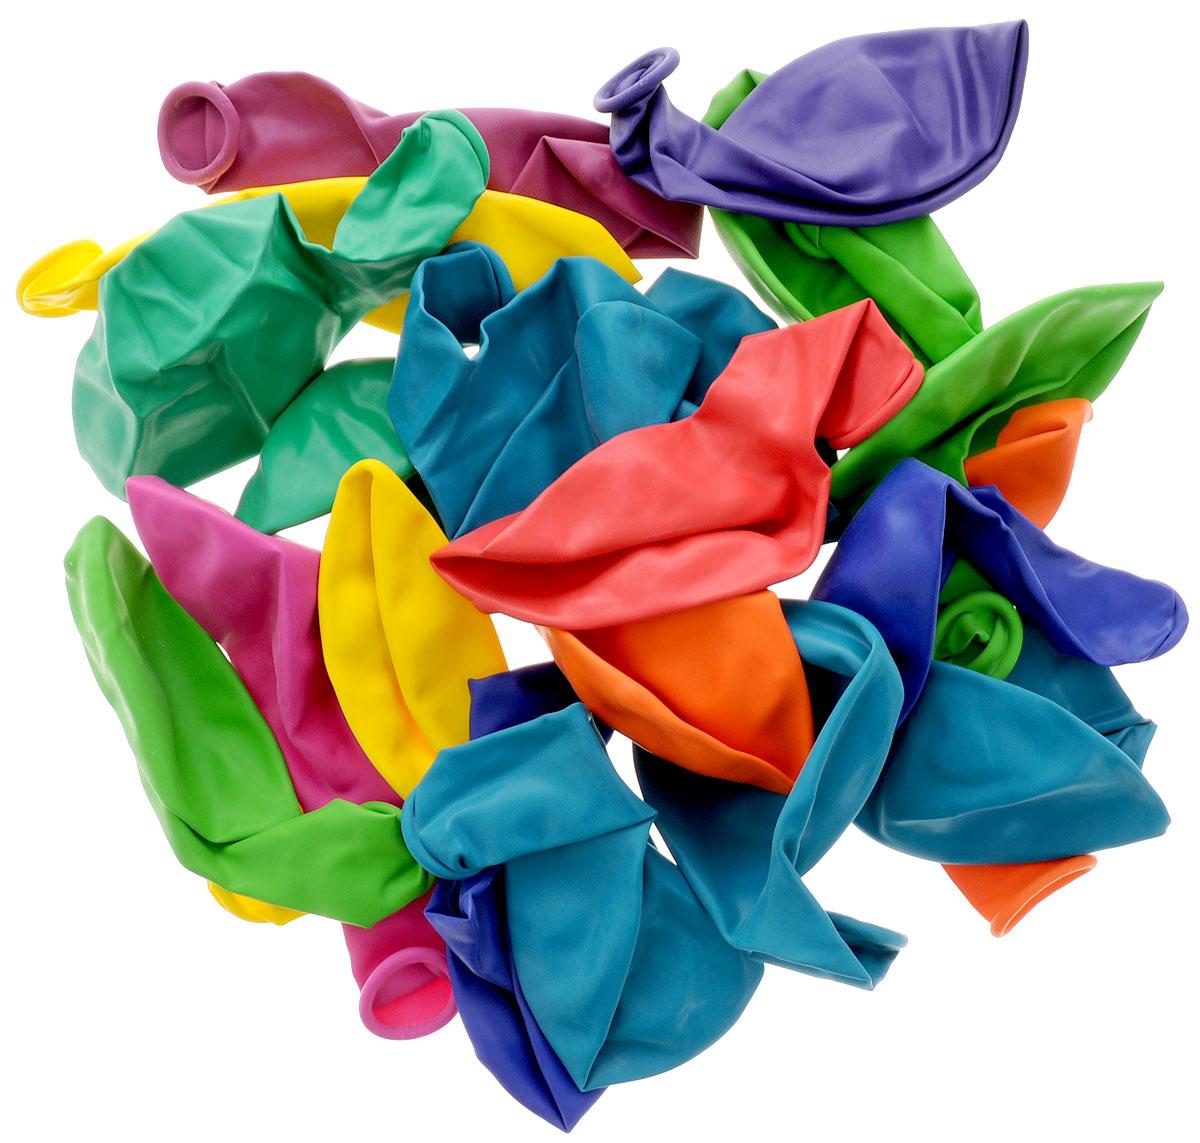 Action! Шары воздушные металлизированные 30 см 20 штAPI0053/MНабор металлизированных воздушных шаров Action! станут отличным украшением на любой праздник! Шарики помогут украсить праздничный стол и помещение, или стать приятным дополнением к подарку. Эти яркие праздничные аксессуары поднимут настроение вам и вашим гостям! В наборе 20 воздушных шаров.